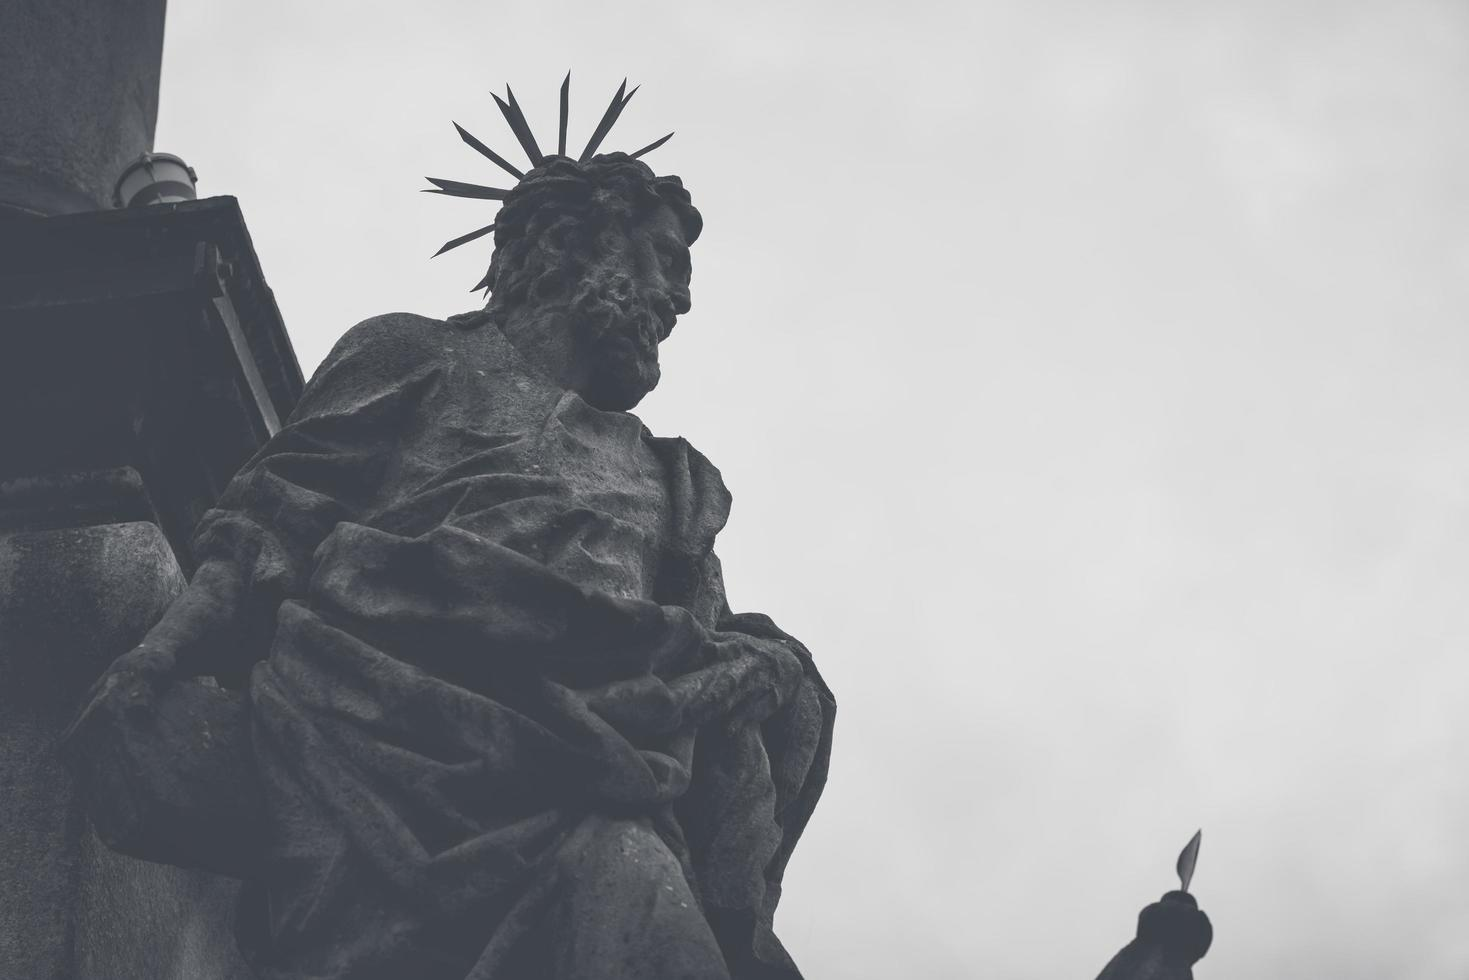 Estatua en la columna de la peste en Cesky Krumlov, República Checa foto